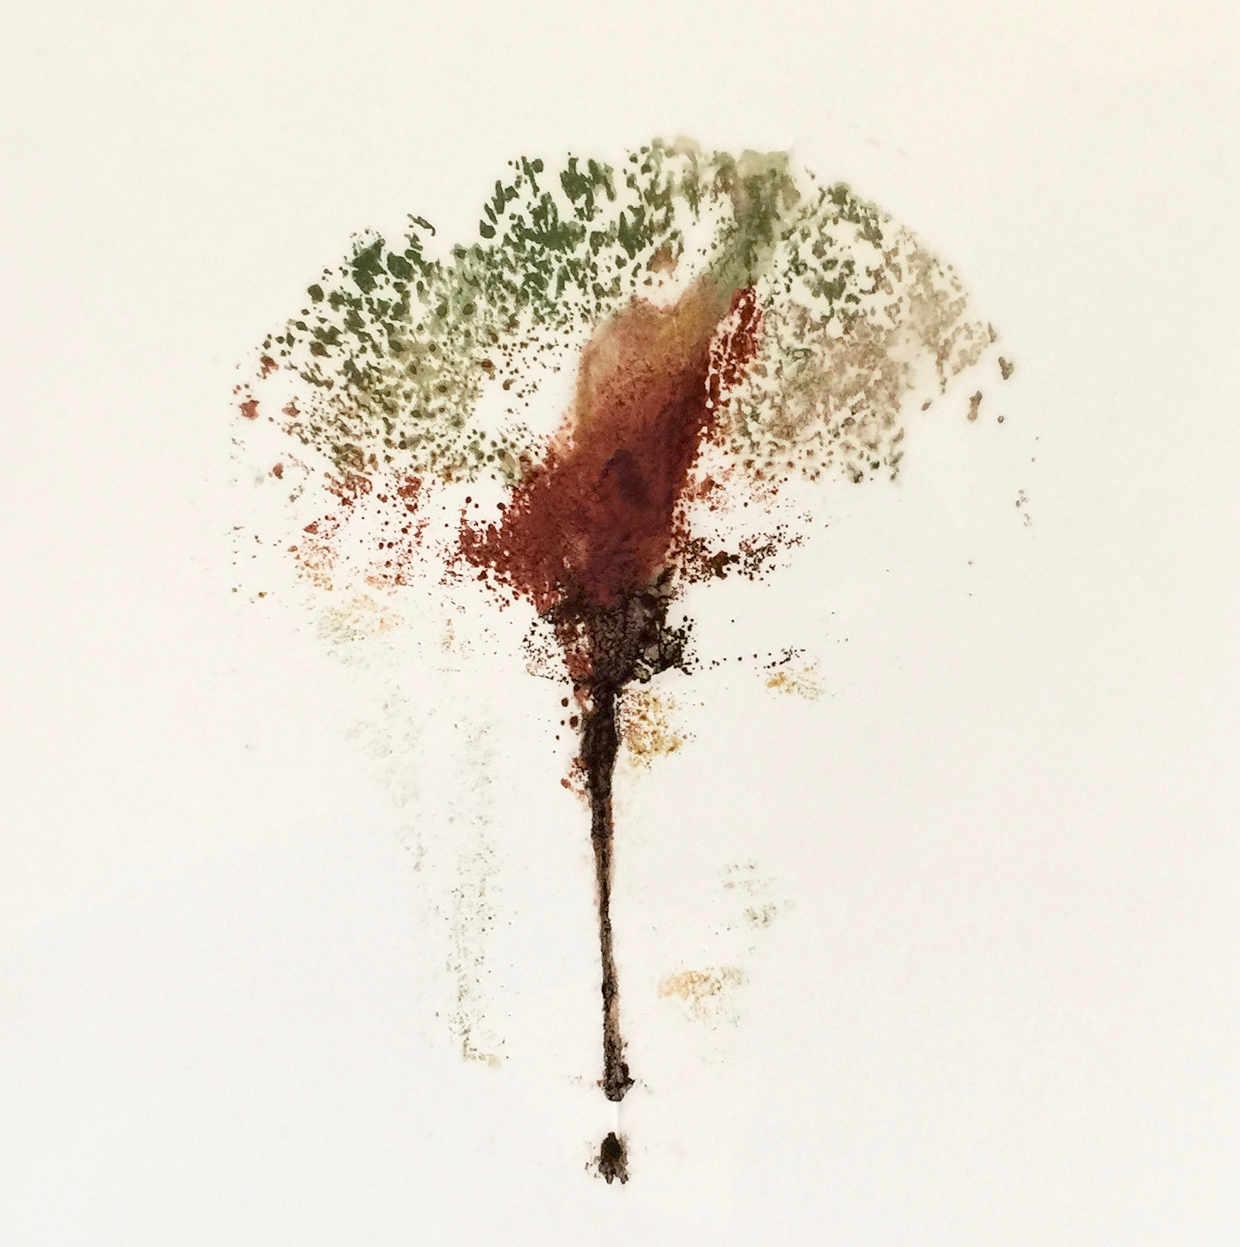 Baum3 - Papierarbeit von Eva Doelker-Heim